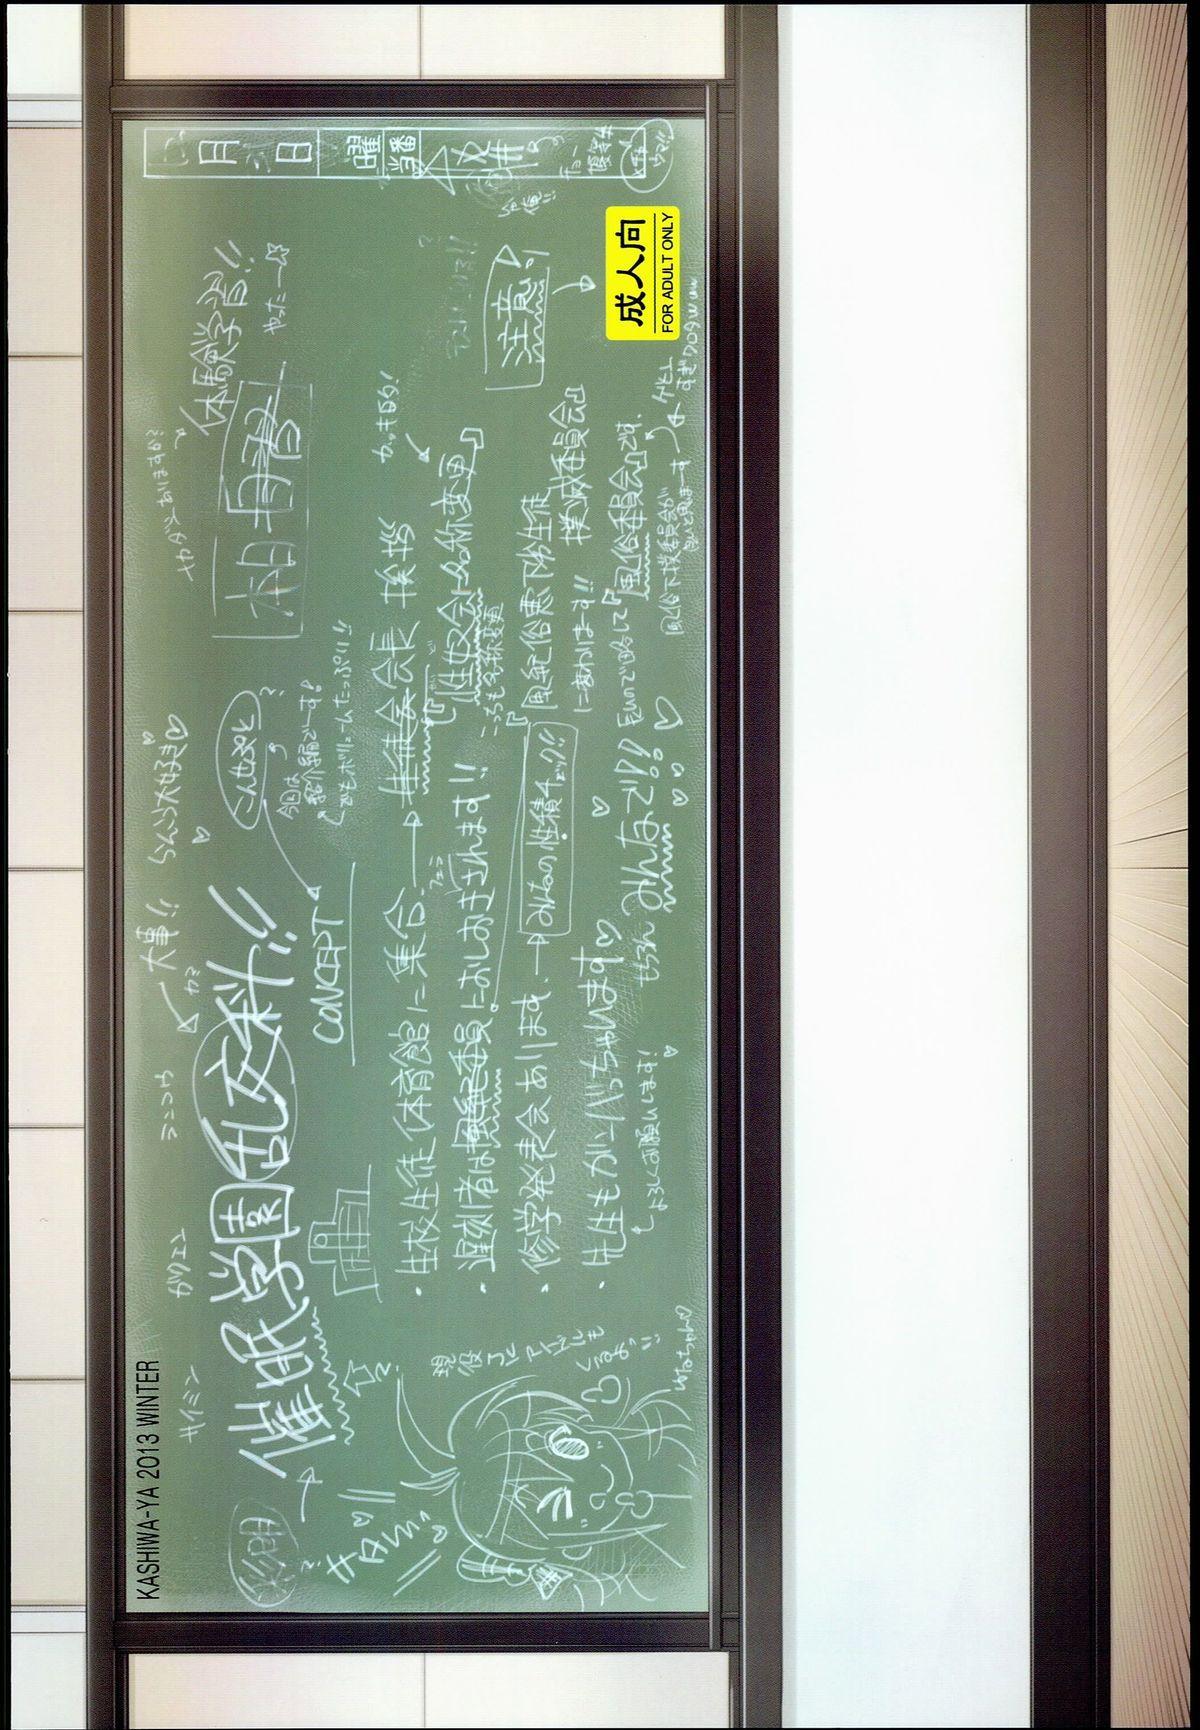 (C85) [Kashiwa-ya (Hiyo Hiyo)] Saimin Gakuen Rankou-Ka -CONCEPT- [Chinese] [Den+為了拯救自己的蛋蛋漢化] 39